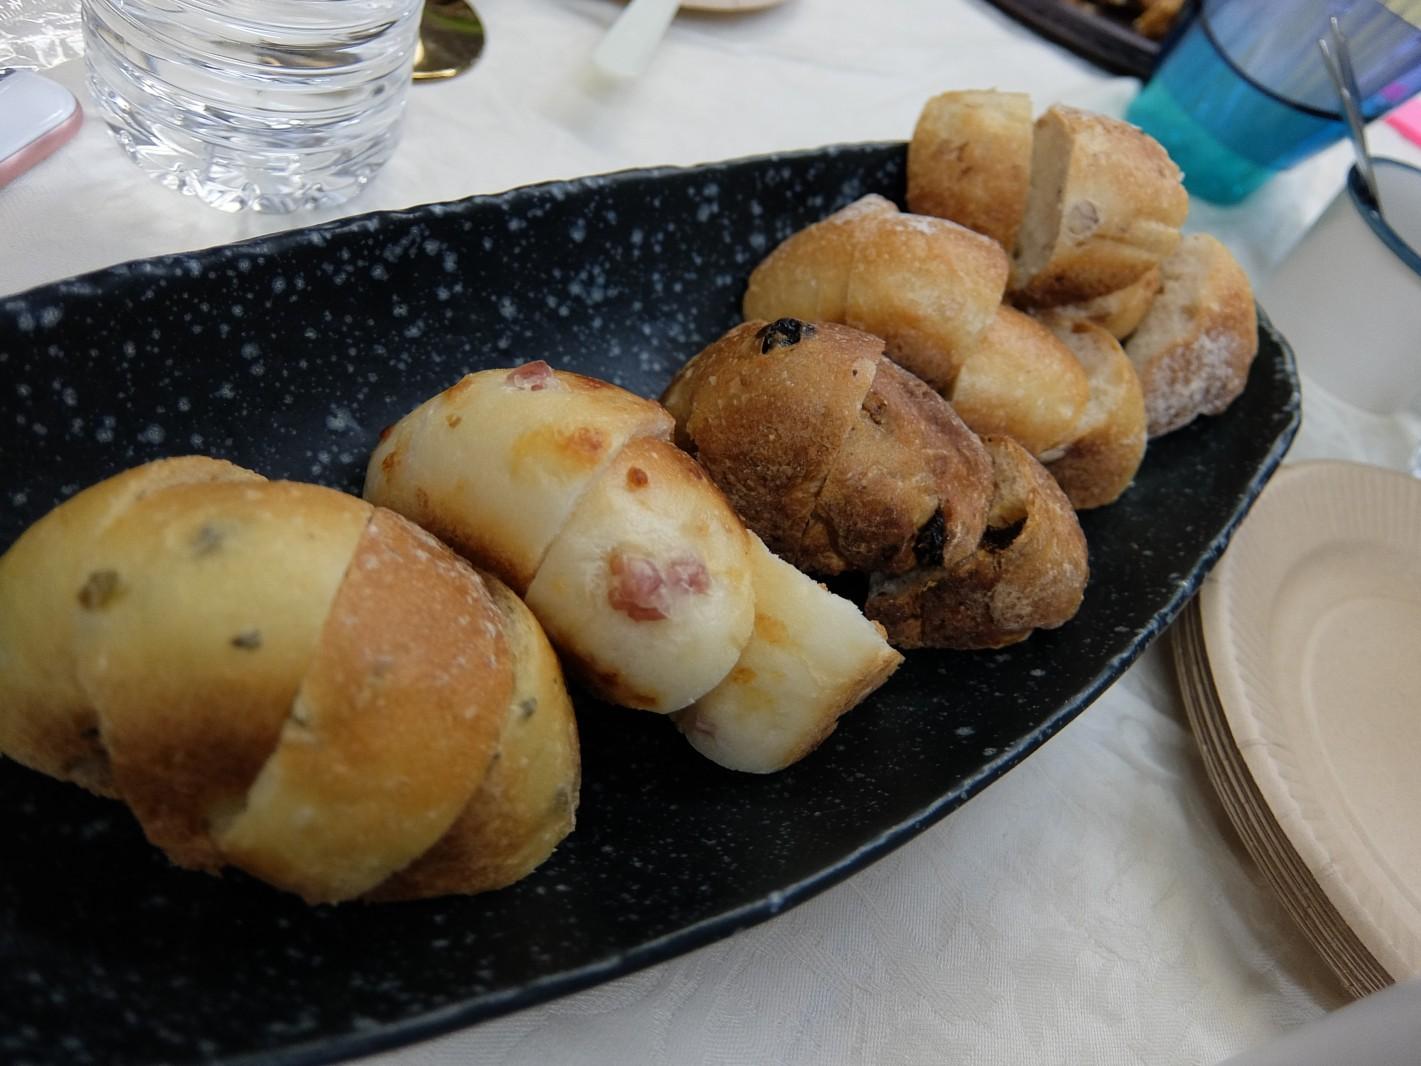 家庭用の「石窯冷凍」パン、冷凍パンのパイオニア、タカキベーカリーから